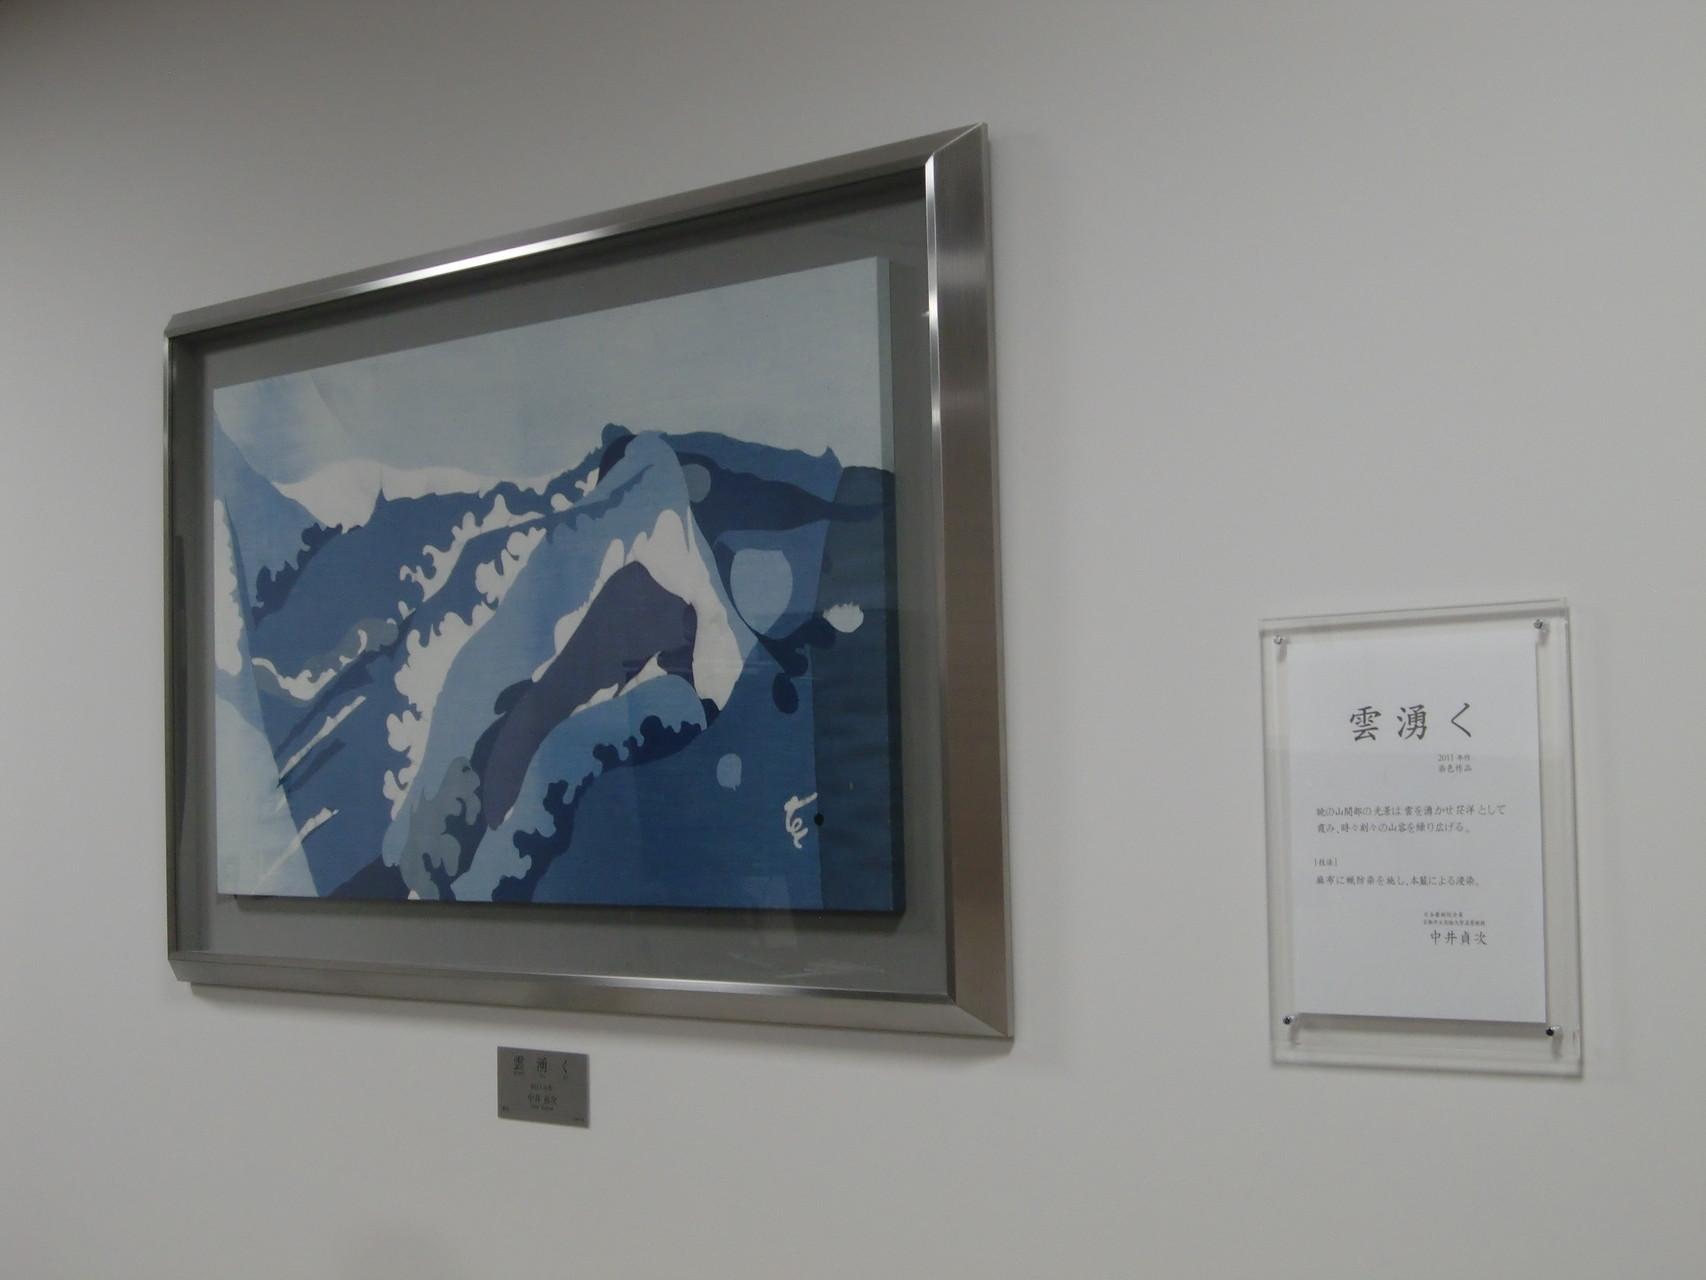 「雲湧く」 60×100cm 染色 2011年 中井貞次 日本芸術院会員、日展会員